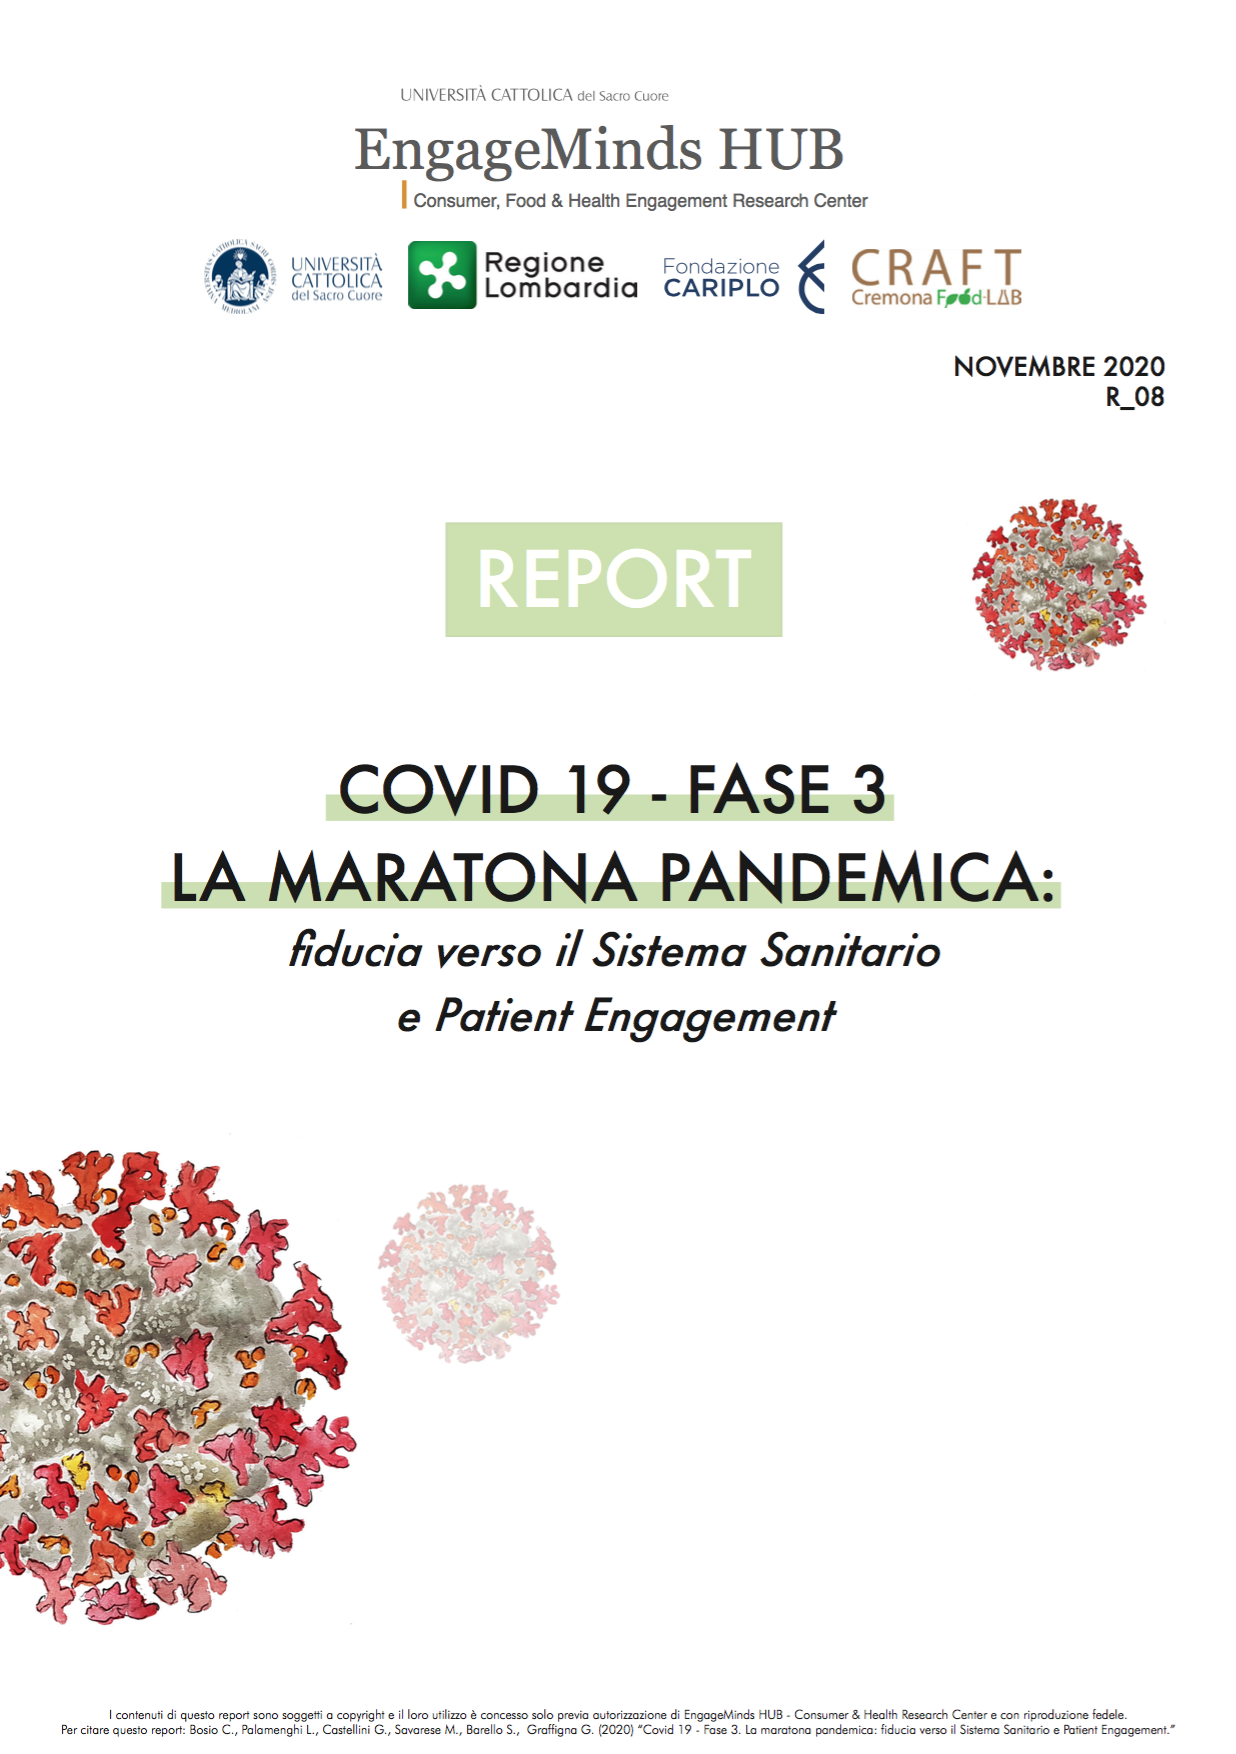 COVID - 19 - FASE 3. LA MARATONA PANDEMICA